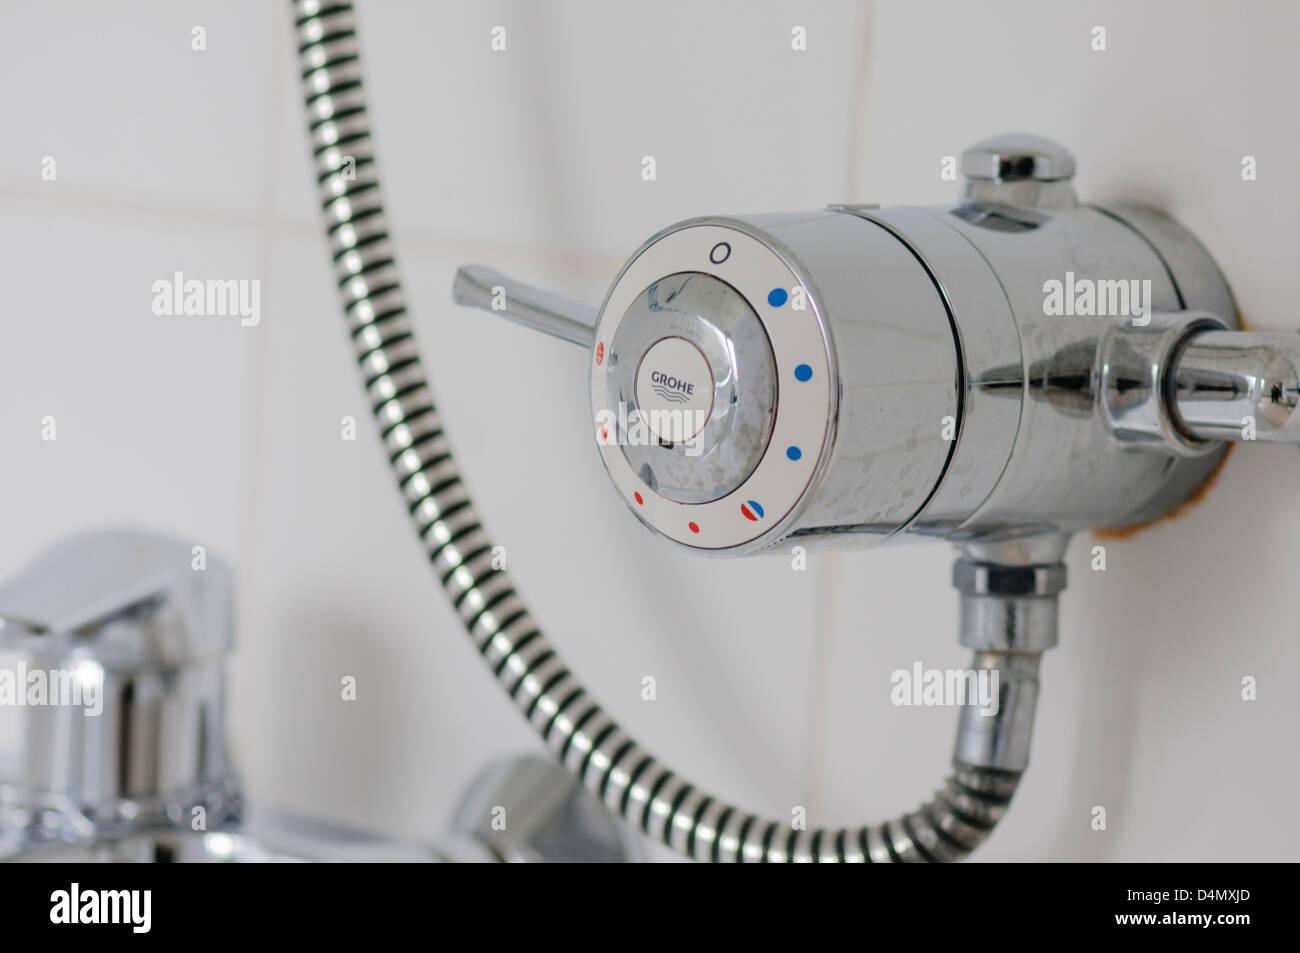 Grohe Thermostat Dusche Grohe Unterputz Thermostat Reparieren